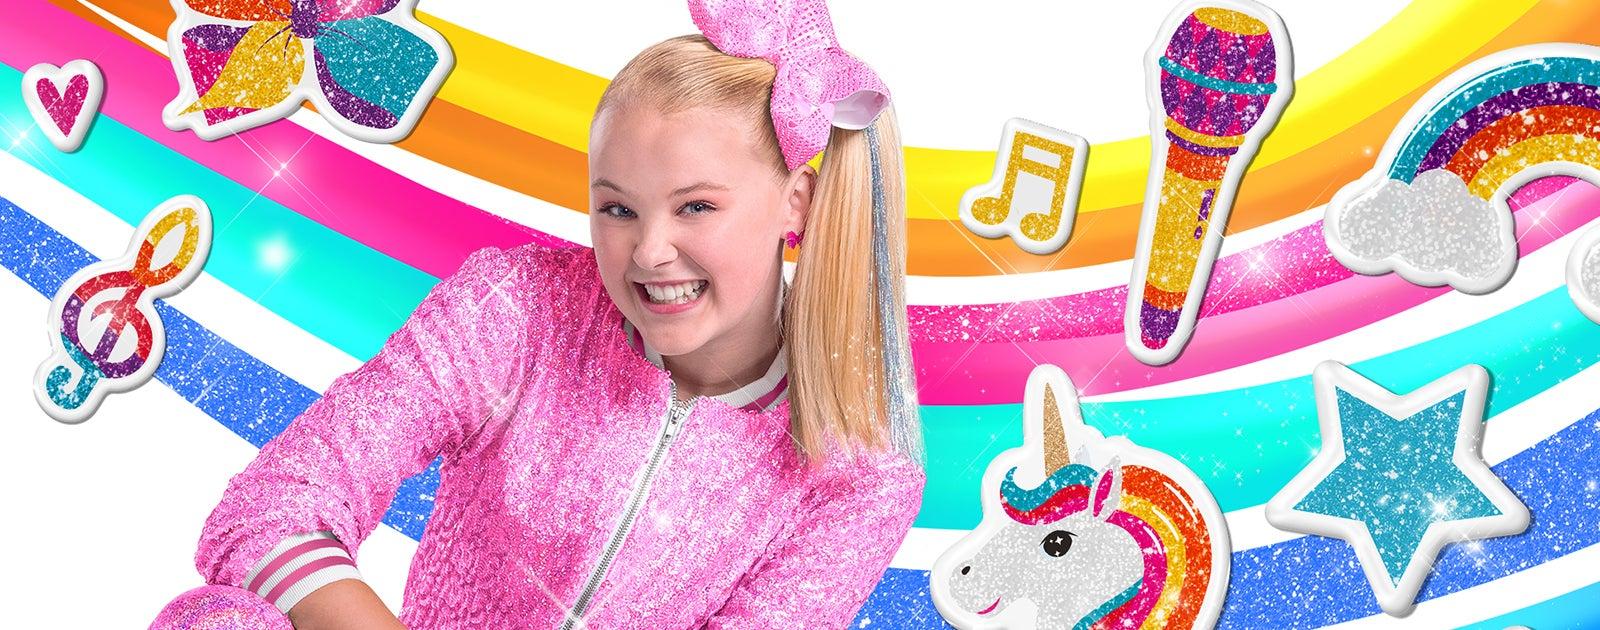 Nickelodeon's JoJo Siwa D.R.E.A.M. Tour